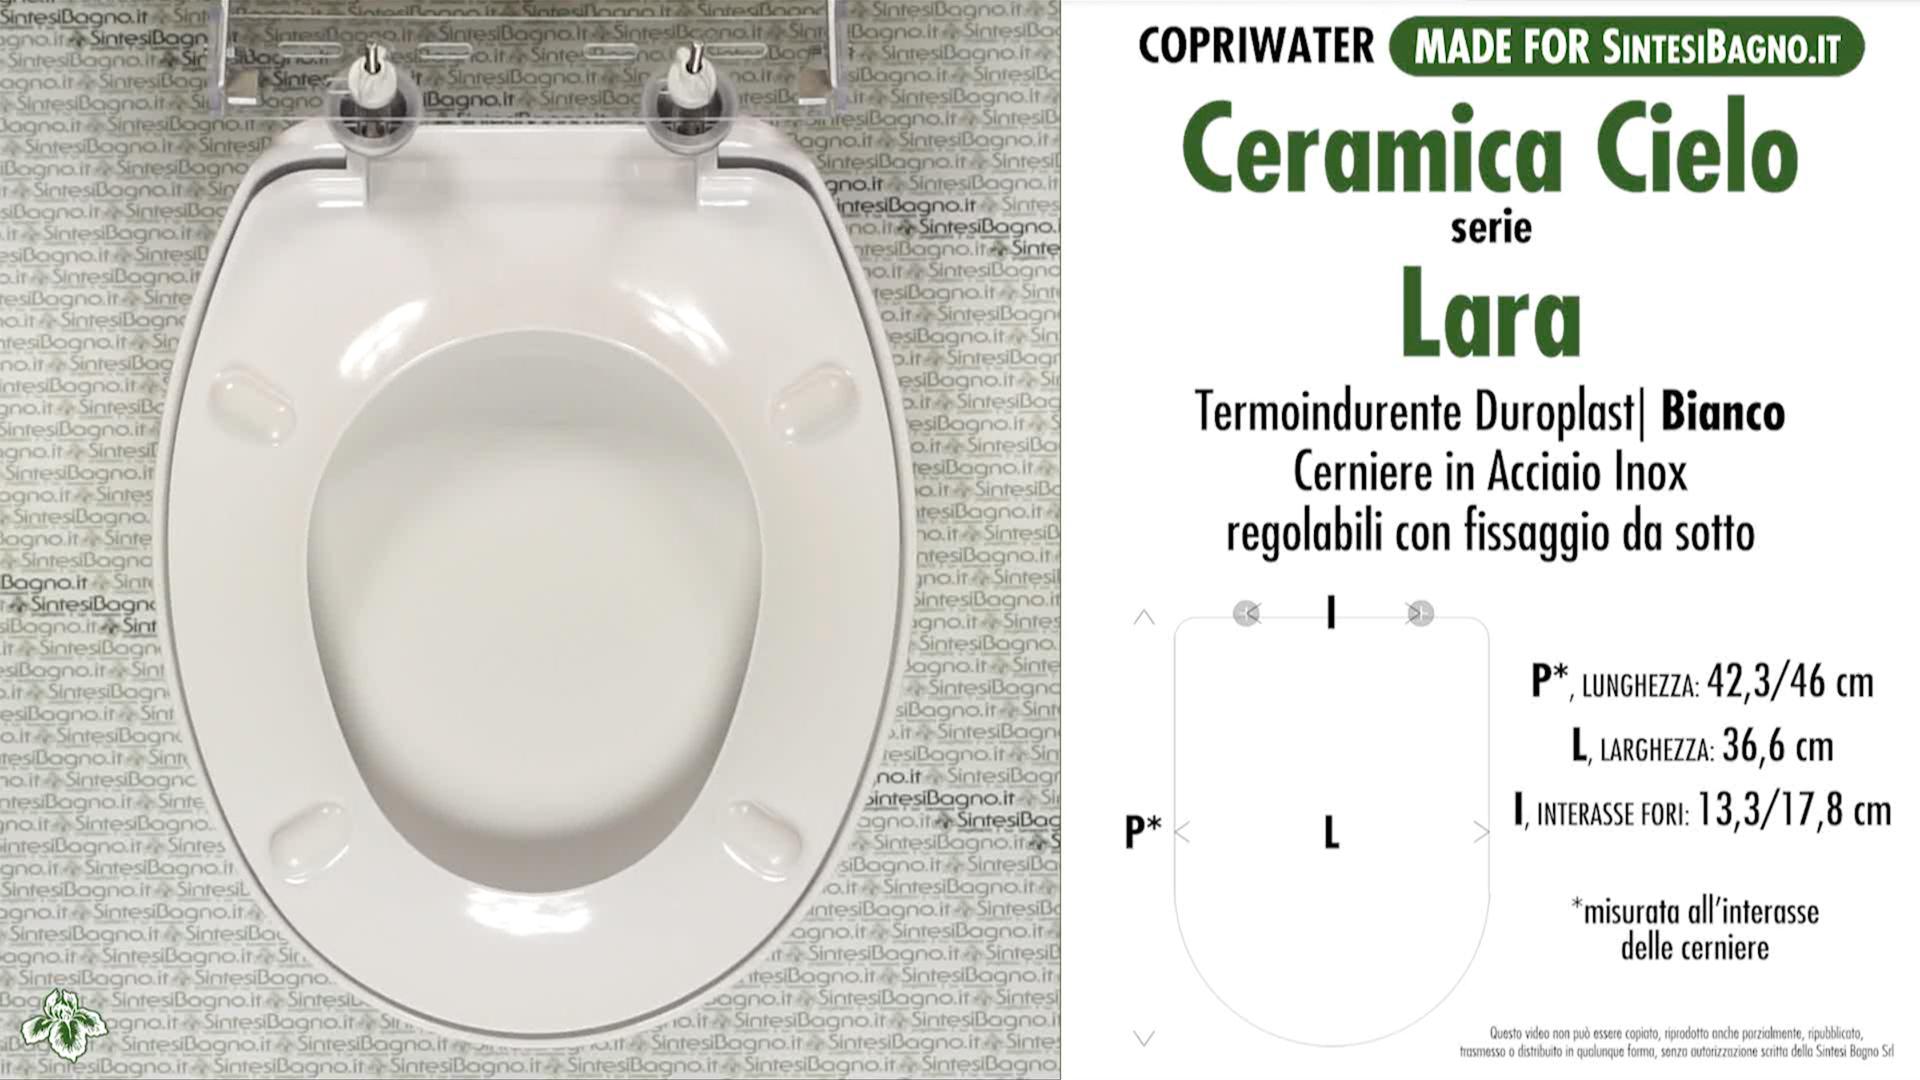 Serie Lara Ceramica Cielo.Copriwater Per Wc Lara Cielo Ricambio Dedicato Duroplast Sintesibagno Shop Online